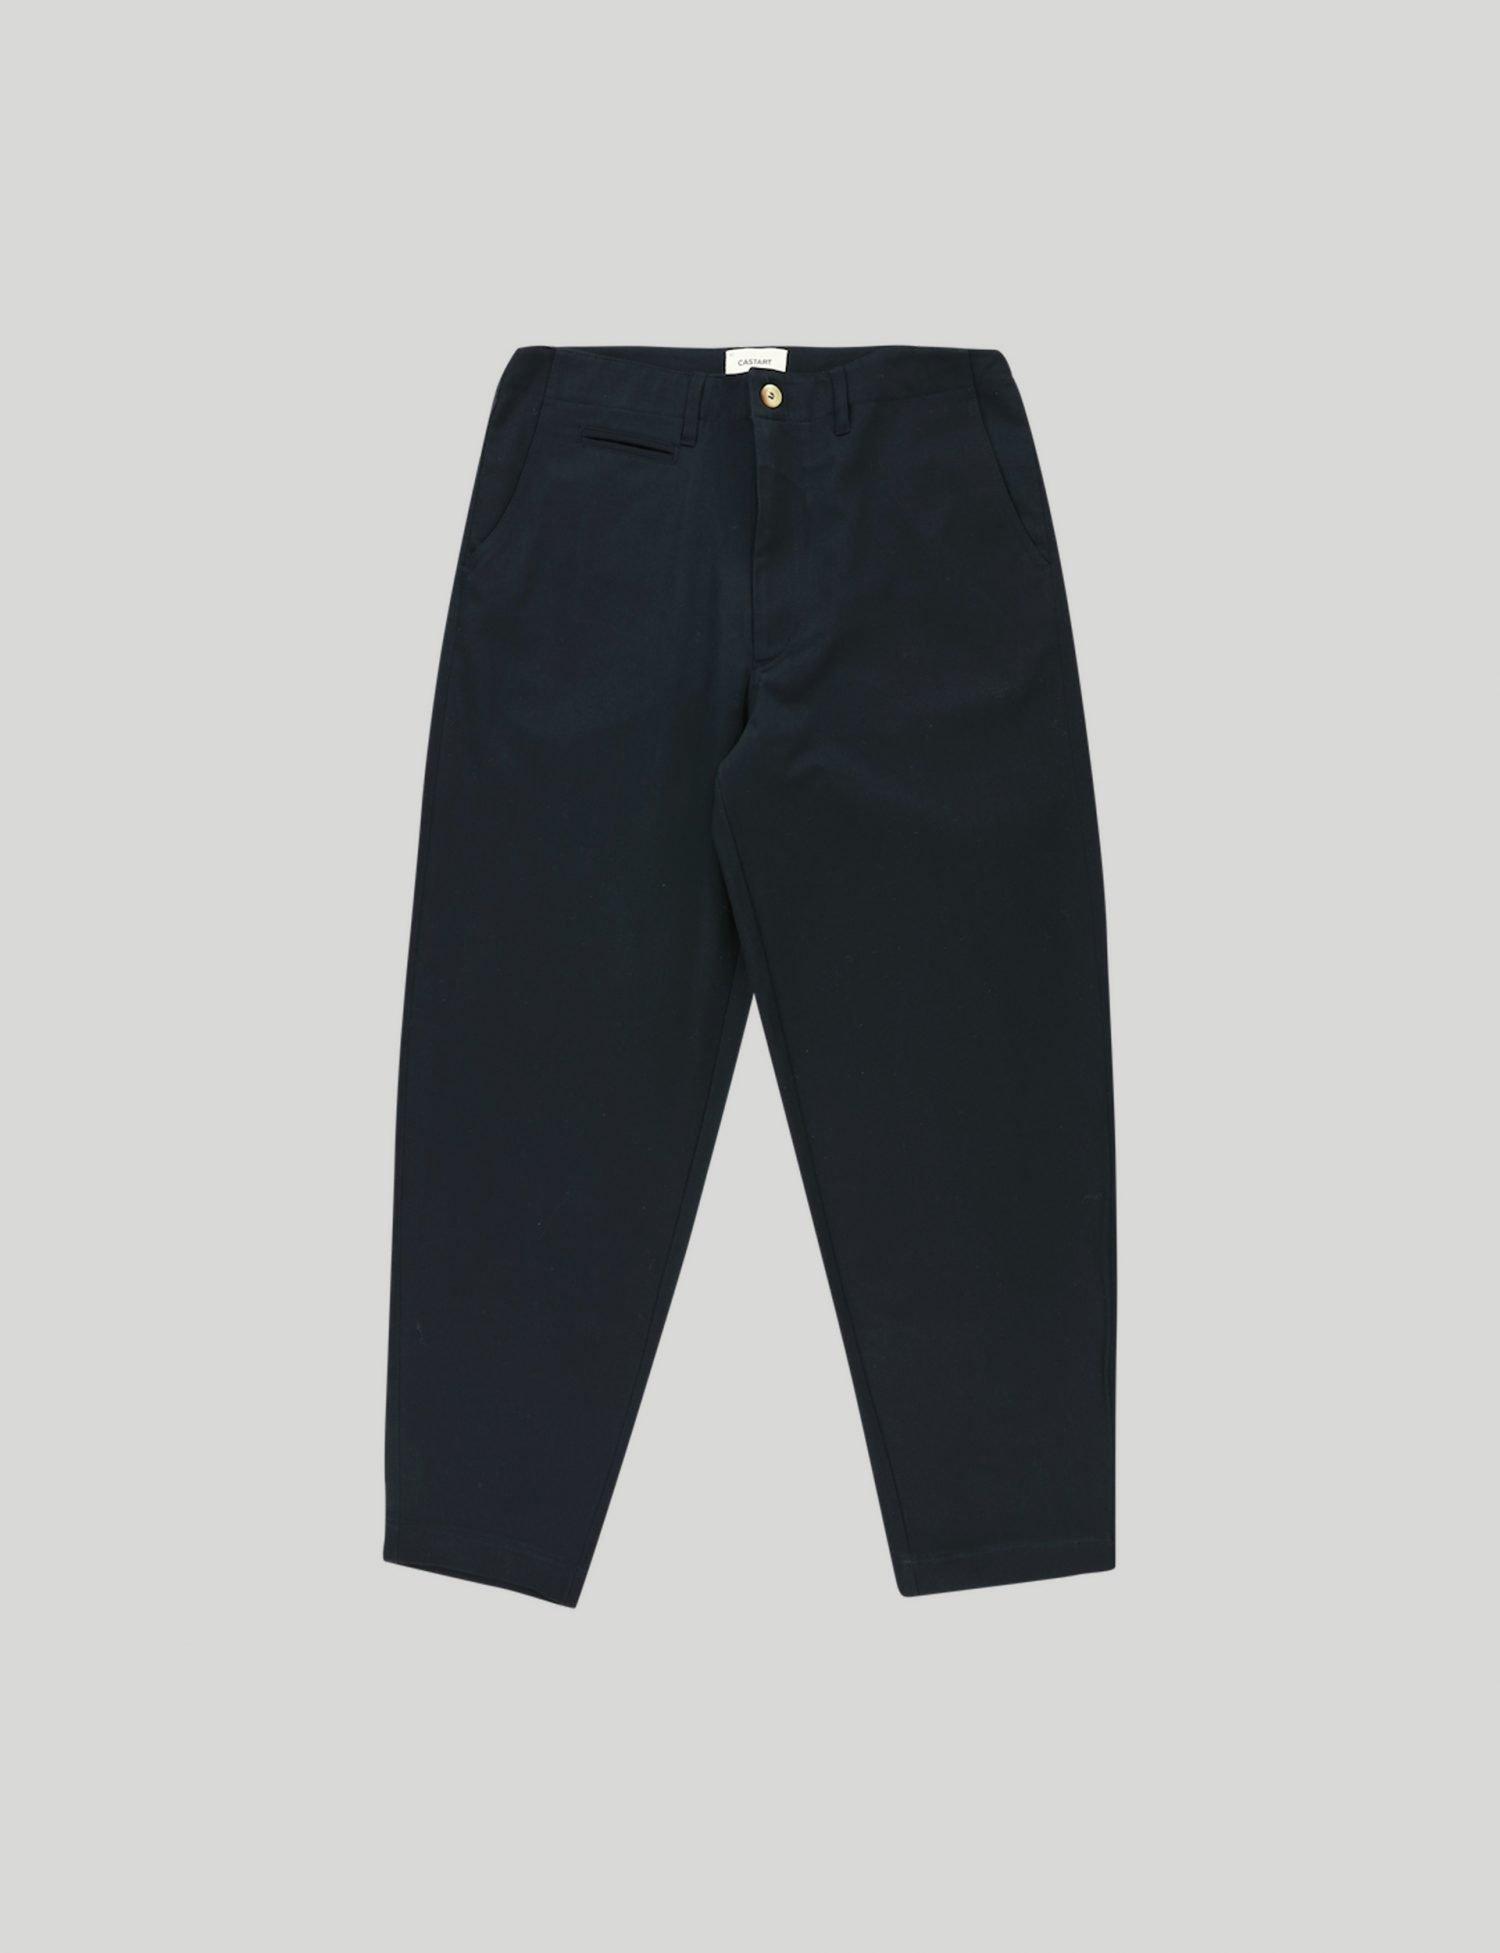 Castart - Hockney Pants - Navy